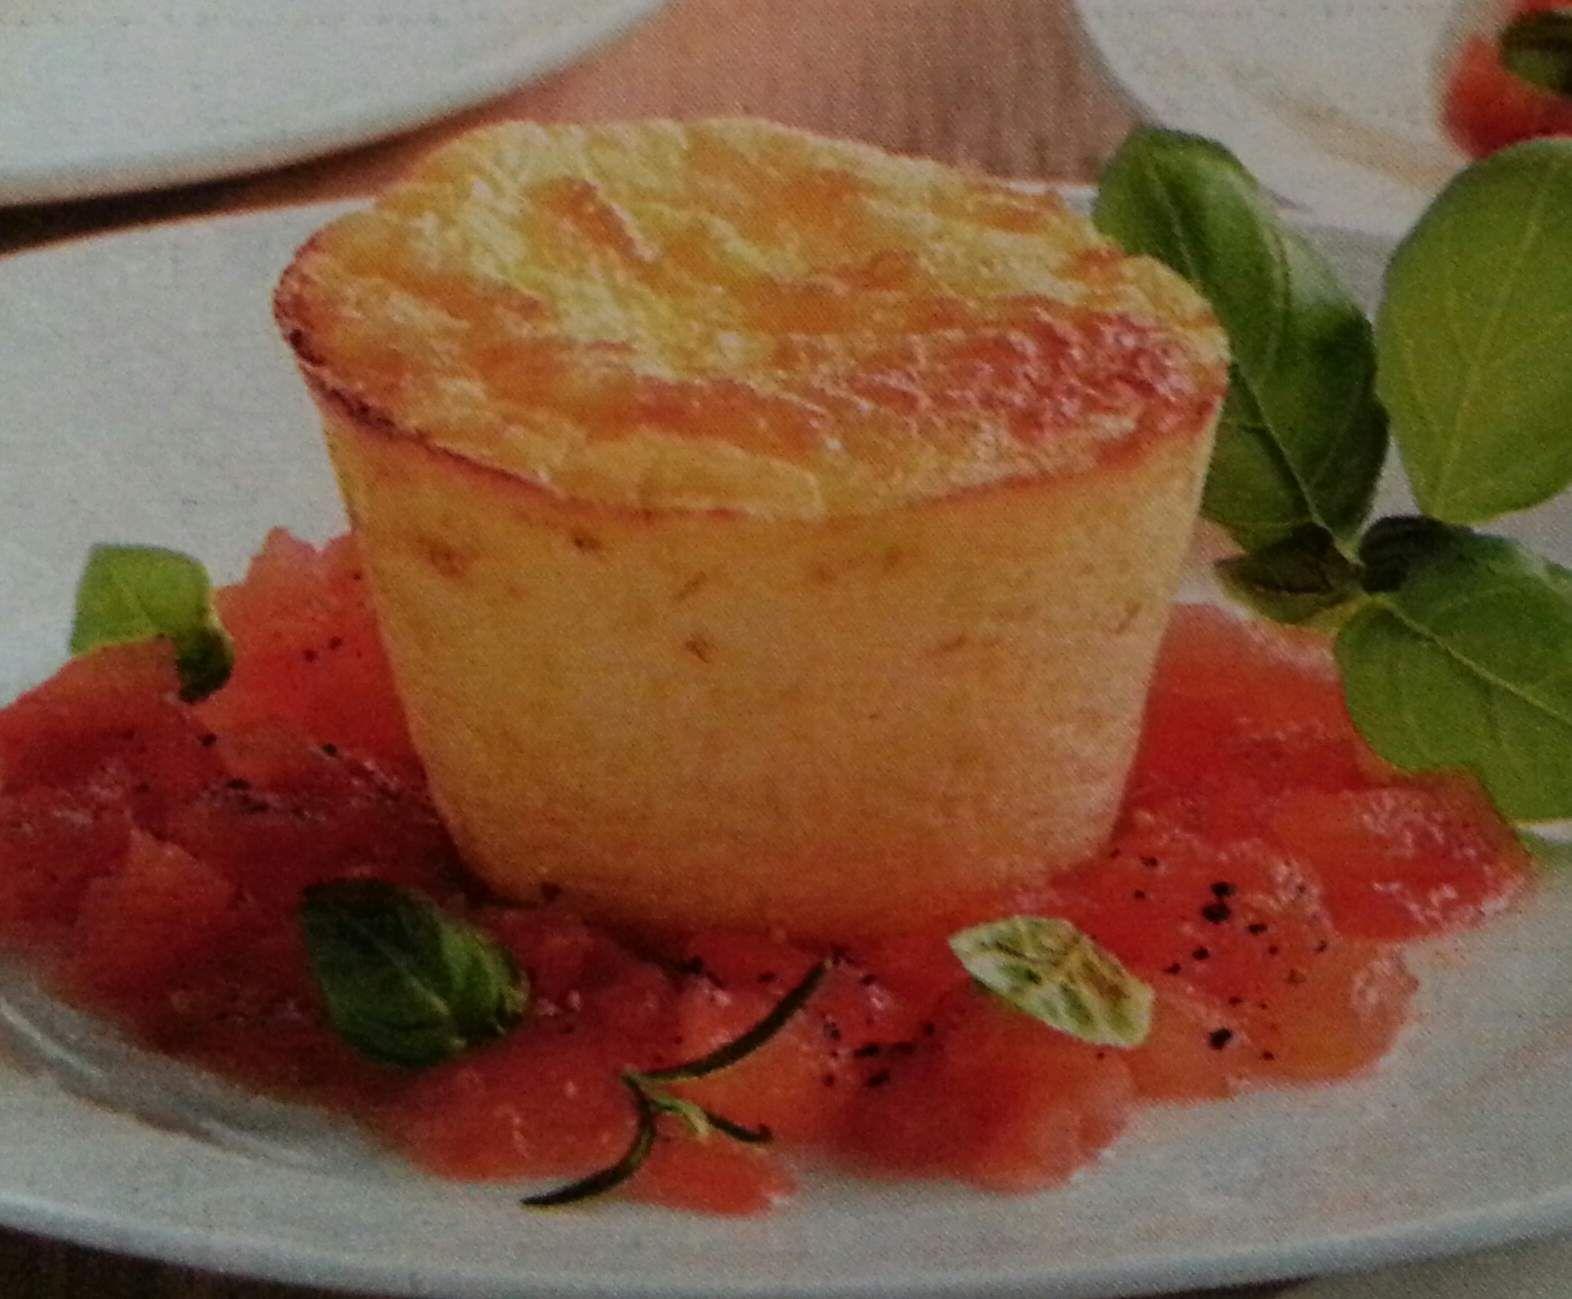 Rezept Parmesan Flan mit fruchtigen Tomaten von uhexy - Rezept der Kategorie Vorspeisen/Salate